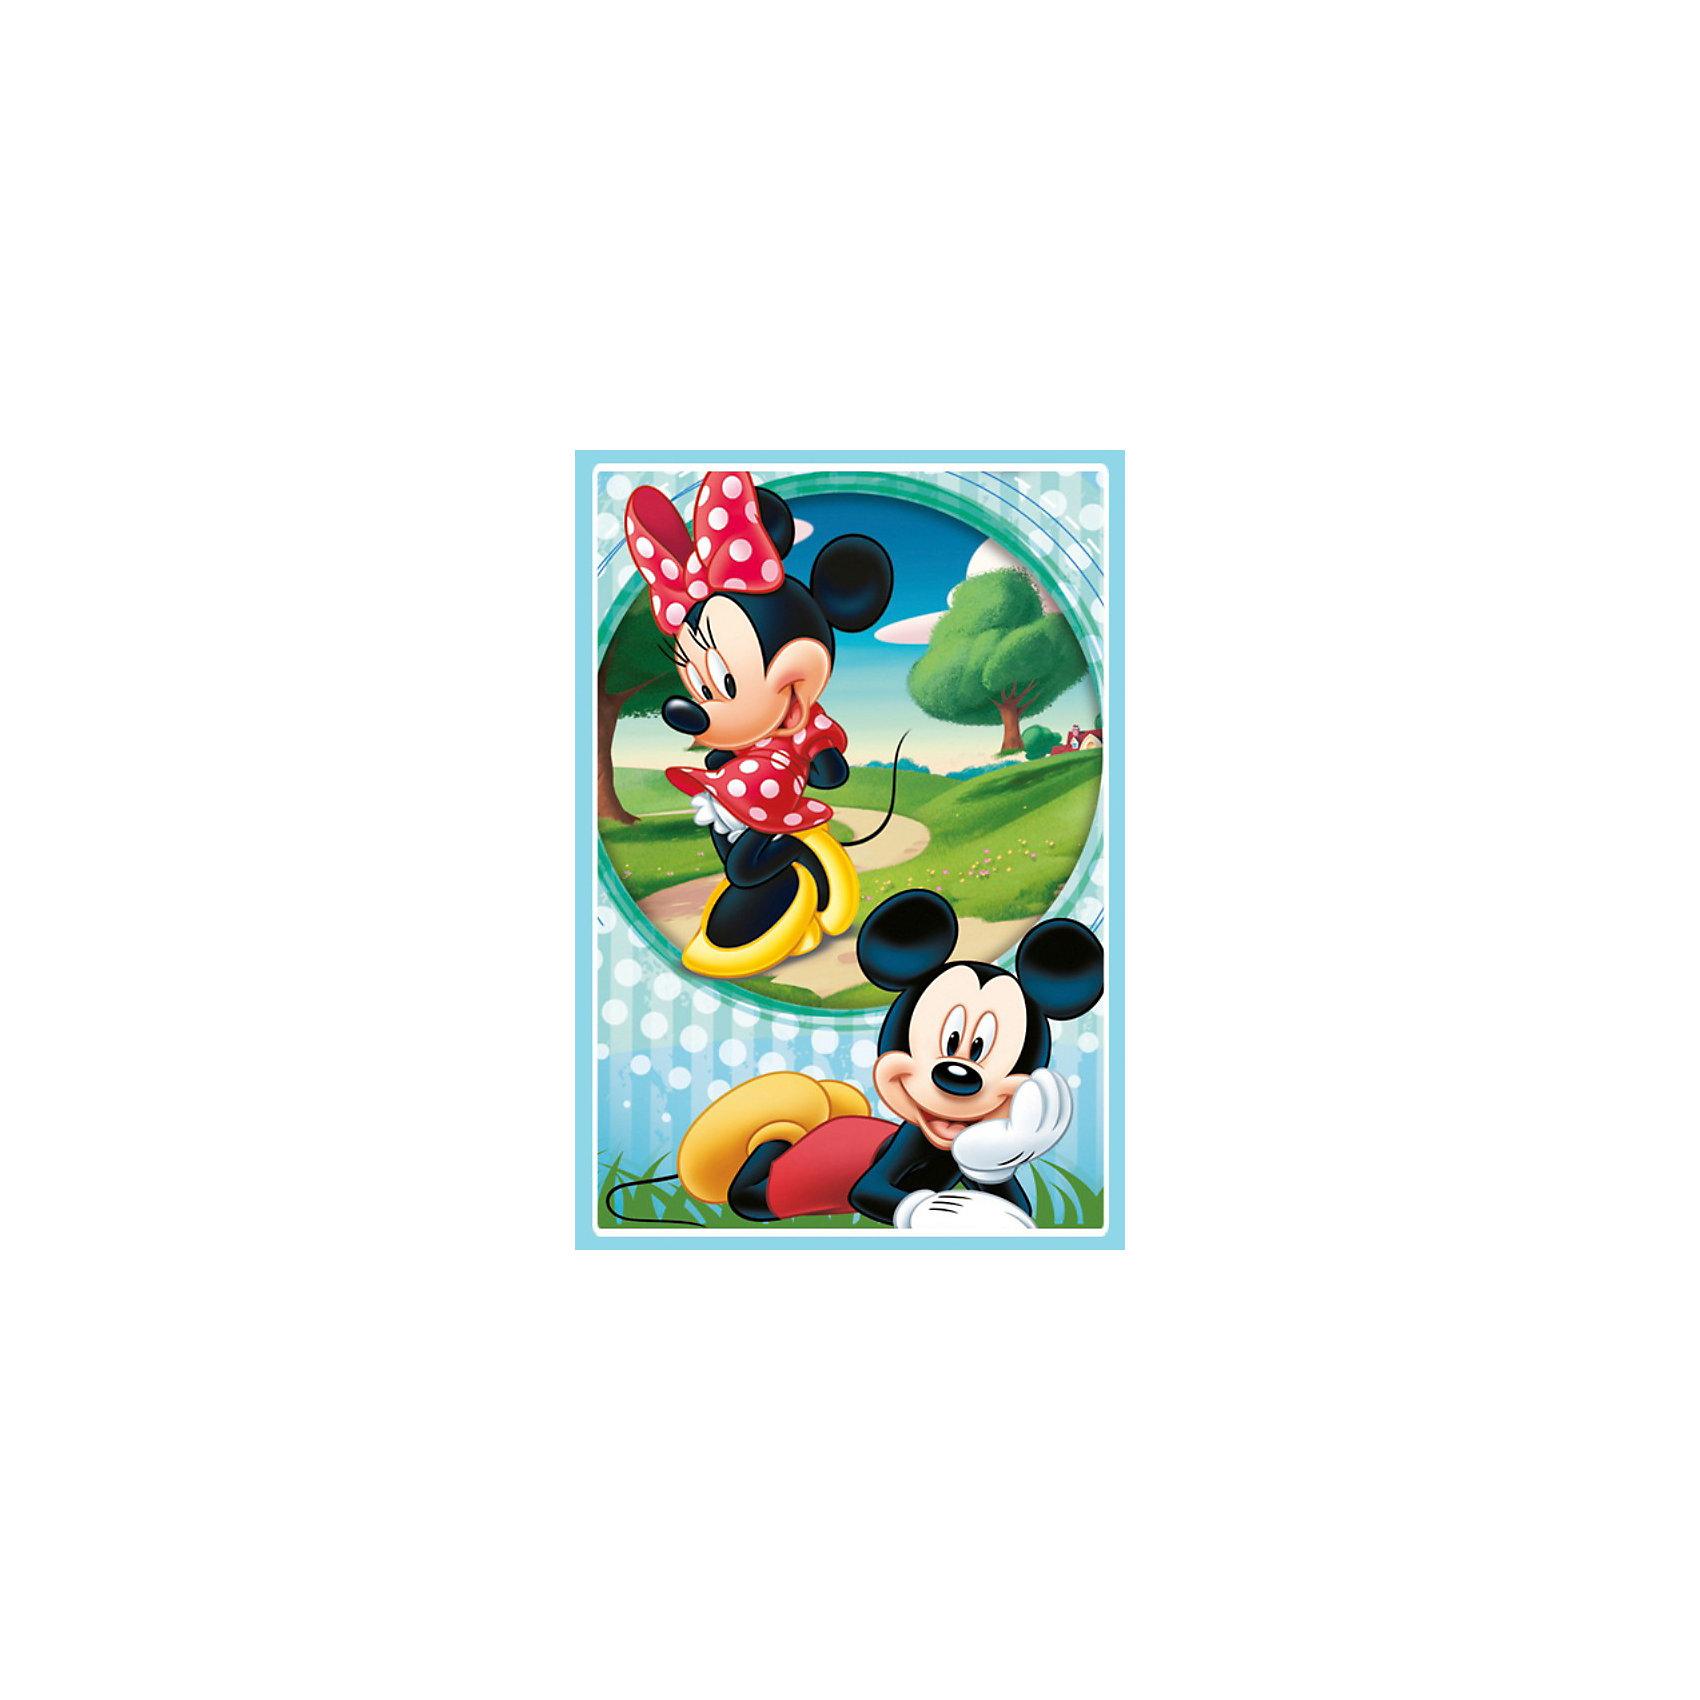 Полотенце Микки в парке 50*90, Микки-маусПолотенце Микки в парке 50*90, торговой марки Мона Лиза с изображением  Микки-Мауса  коллекции Disney выполнены из 100% хлопка с яркими изображениями героев любимых диснеевских мультфильмов. Полотенца из хлопка отличаются хорошей гигроскопичностью, нежные на ощупь и приятные к телу.<br><br>Дополнительная информация:<br><br>- материал: 100% хлопок<br>- размеры: 50х90 см.<br><br>Полотенце  Микки в парке  50*90 Mona Liza, Микки-Маус  можно купить в нашем магазине.<br><br>Ширина мм: 100<br>Глубина мм: 50<br>Высота мм: 200<br>Вес г: 200<br>Возраст от месяцев: 0<br>Возраст до месяцев: 84<br>Пол: Унисекс<br>Возраст: Детский<br>SKU: 3427413